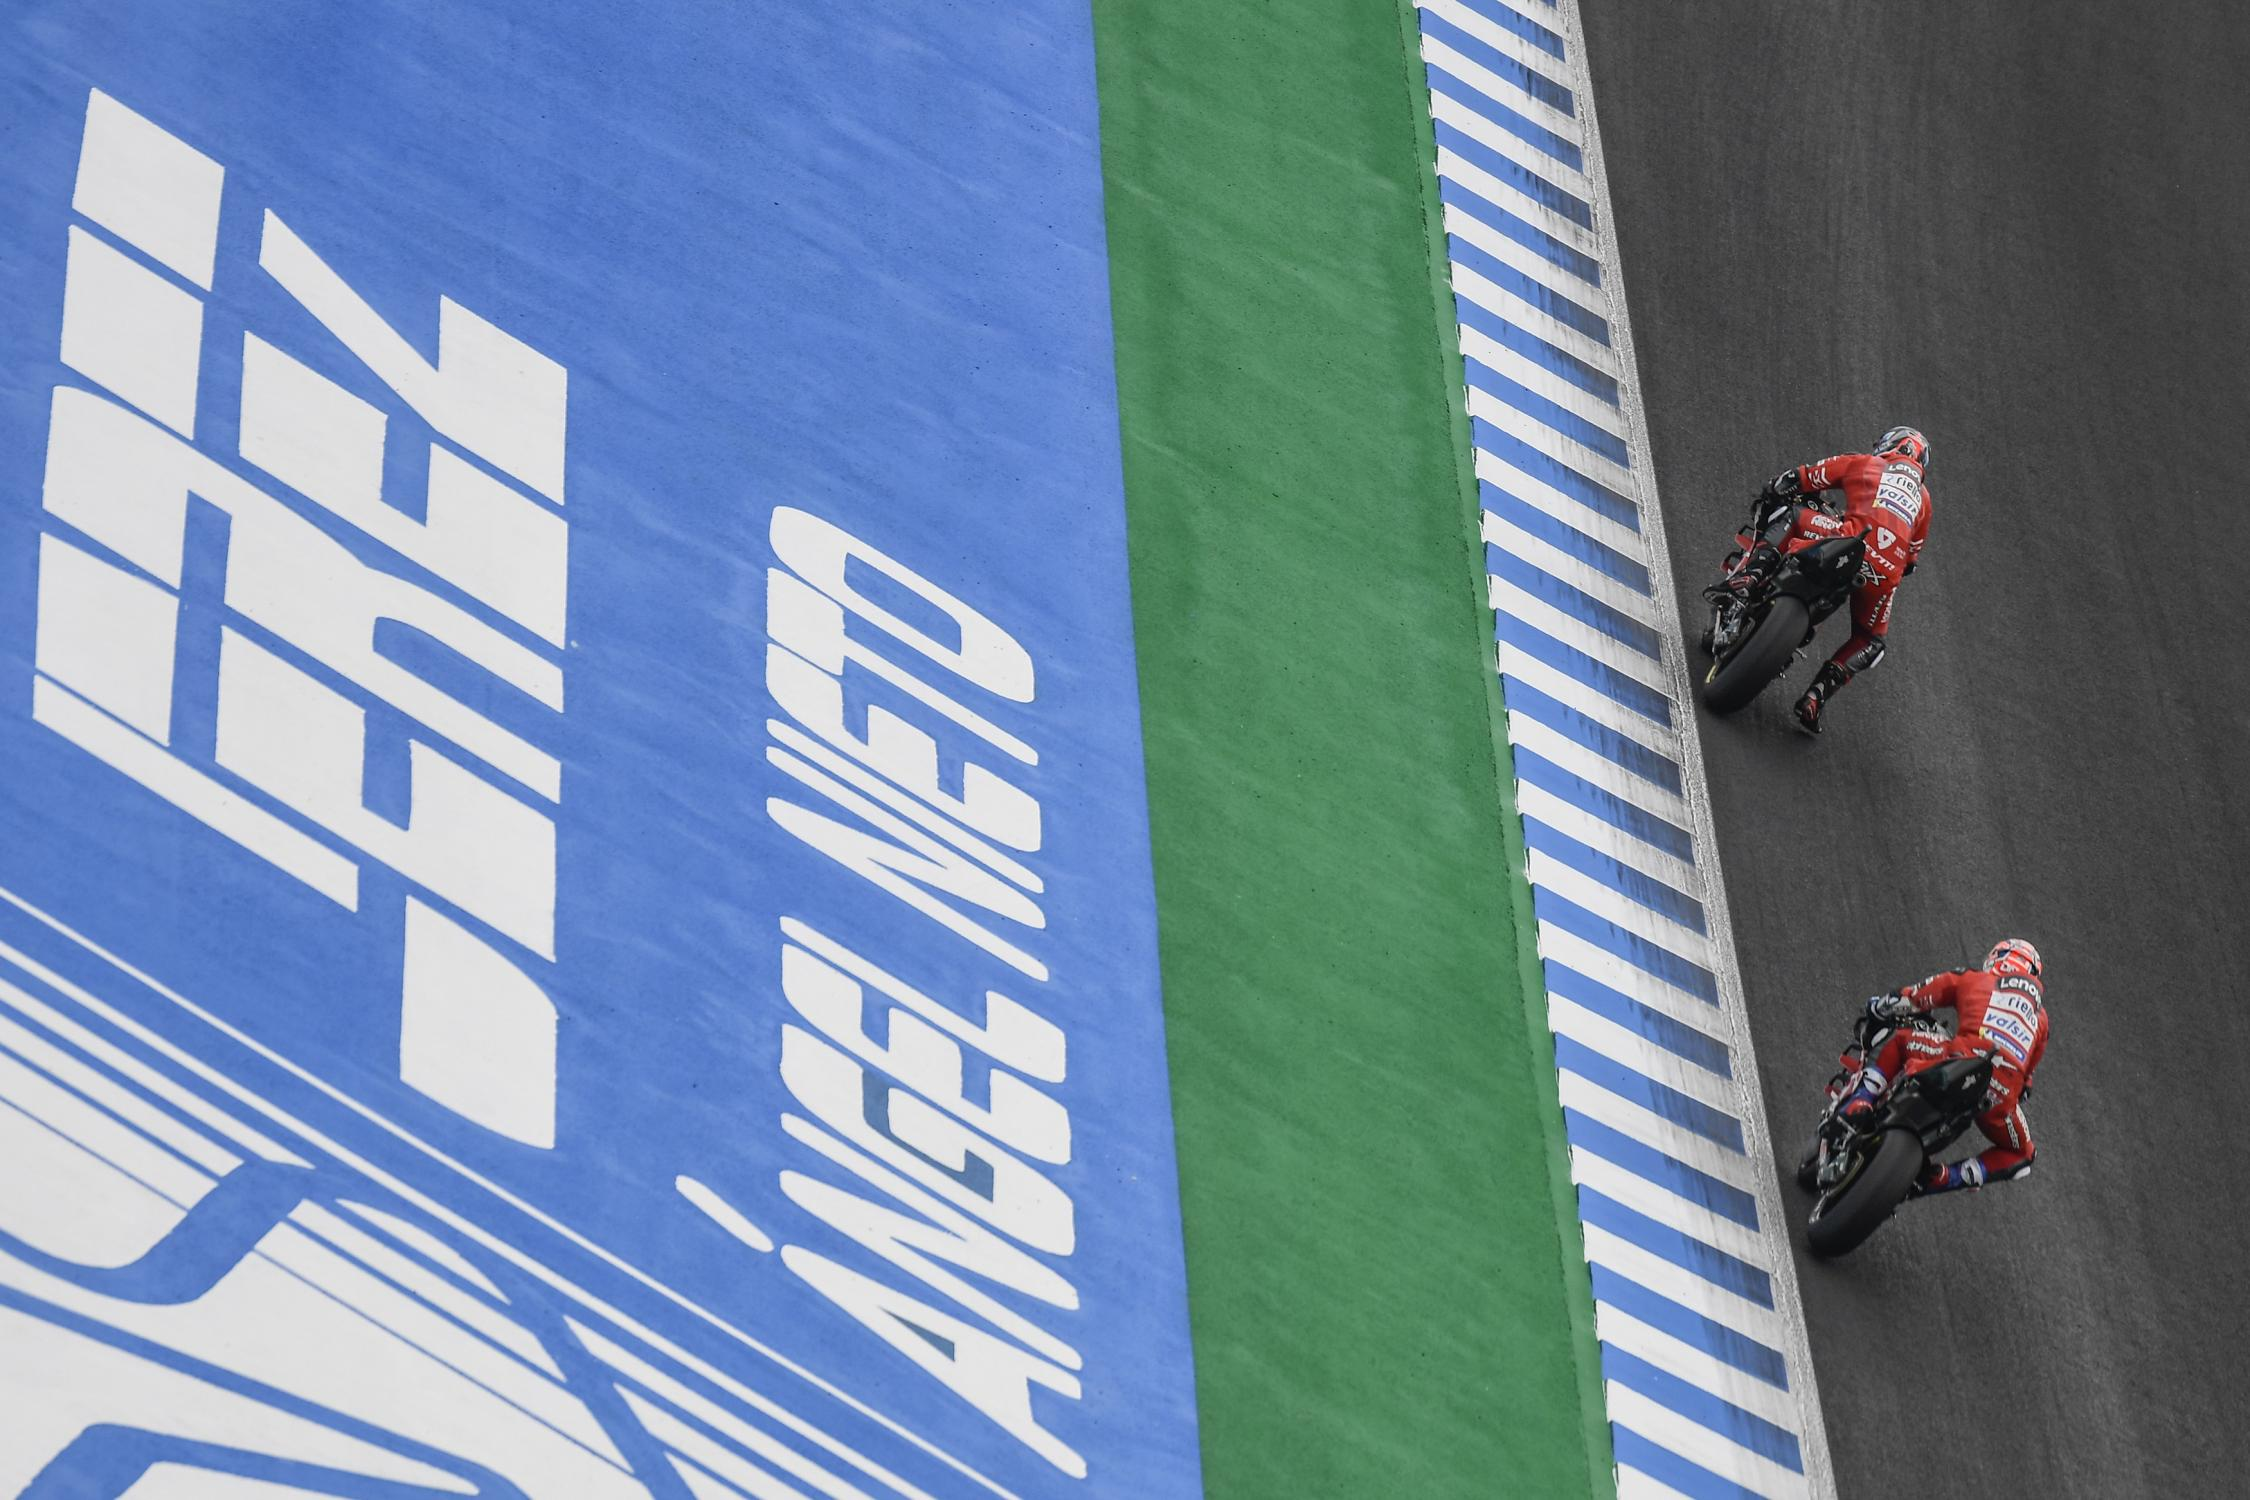 Le bar de la compétition moto ! - Page 39 _dsc5124.gallery_full_top_fullscreen